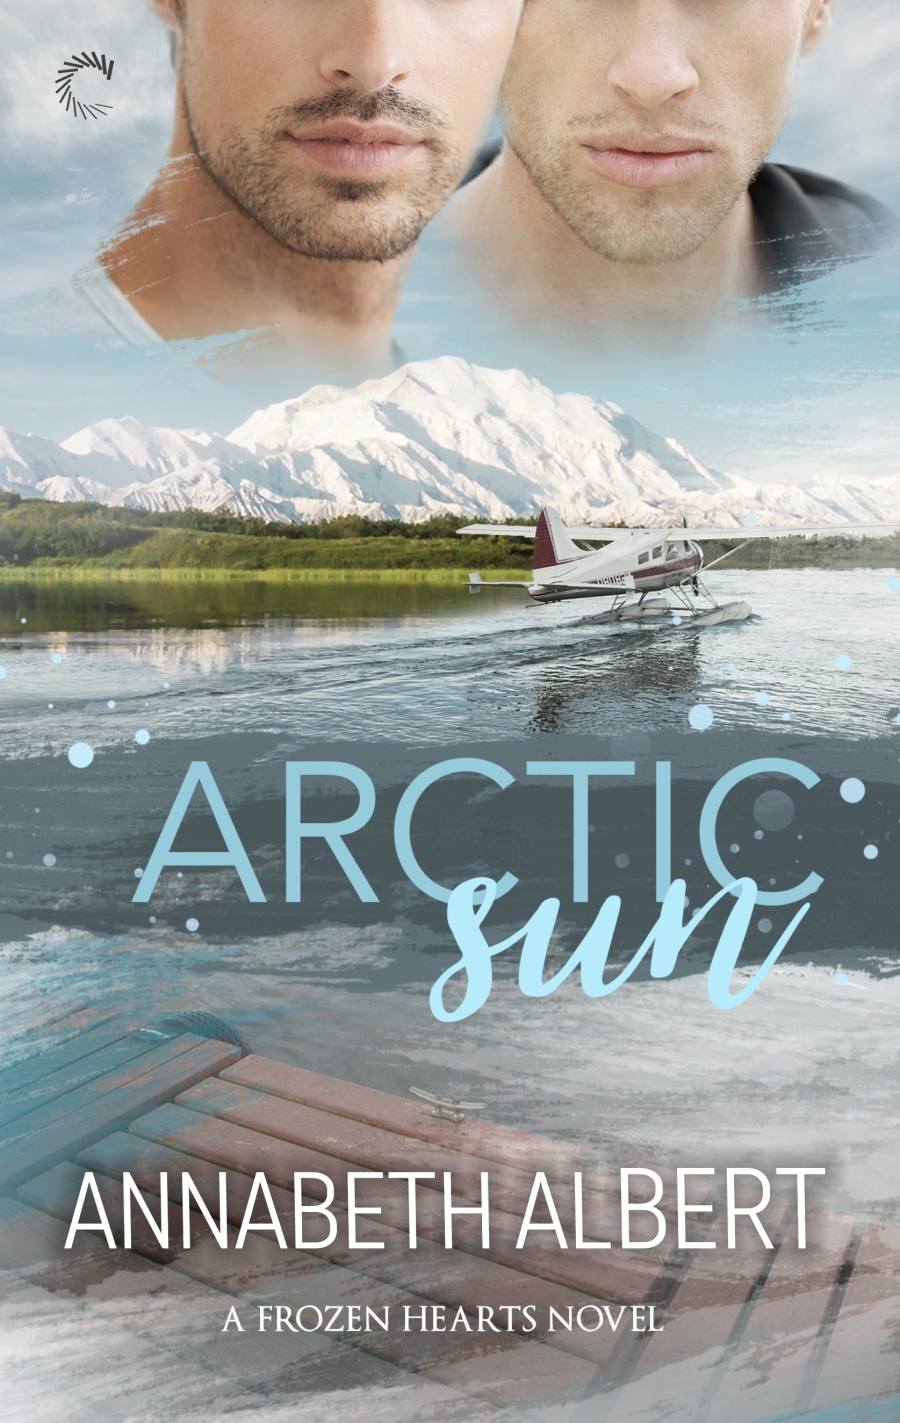 ArcticSun_Cover